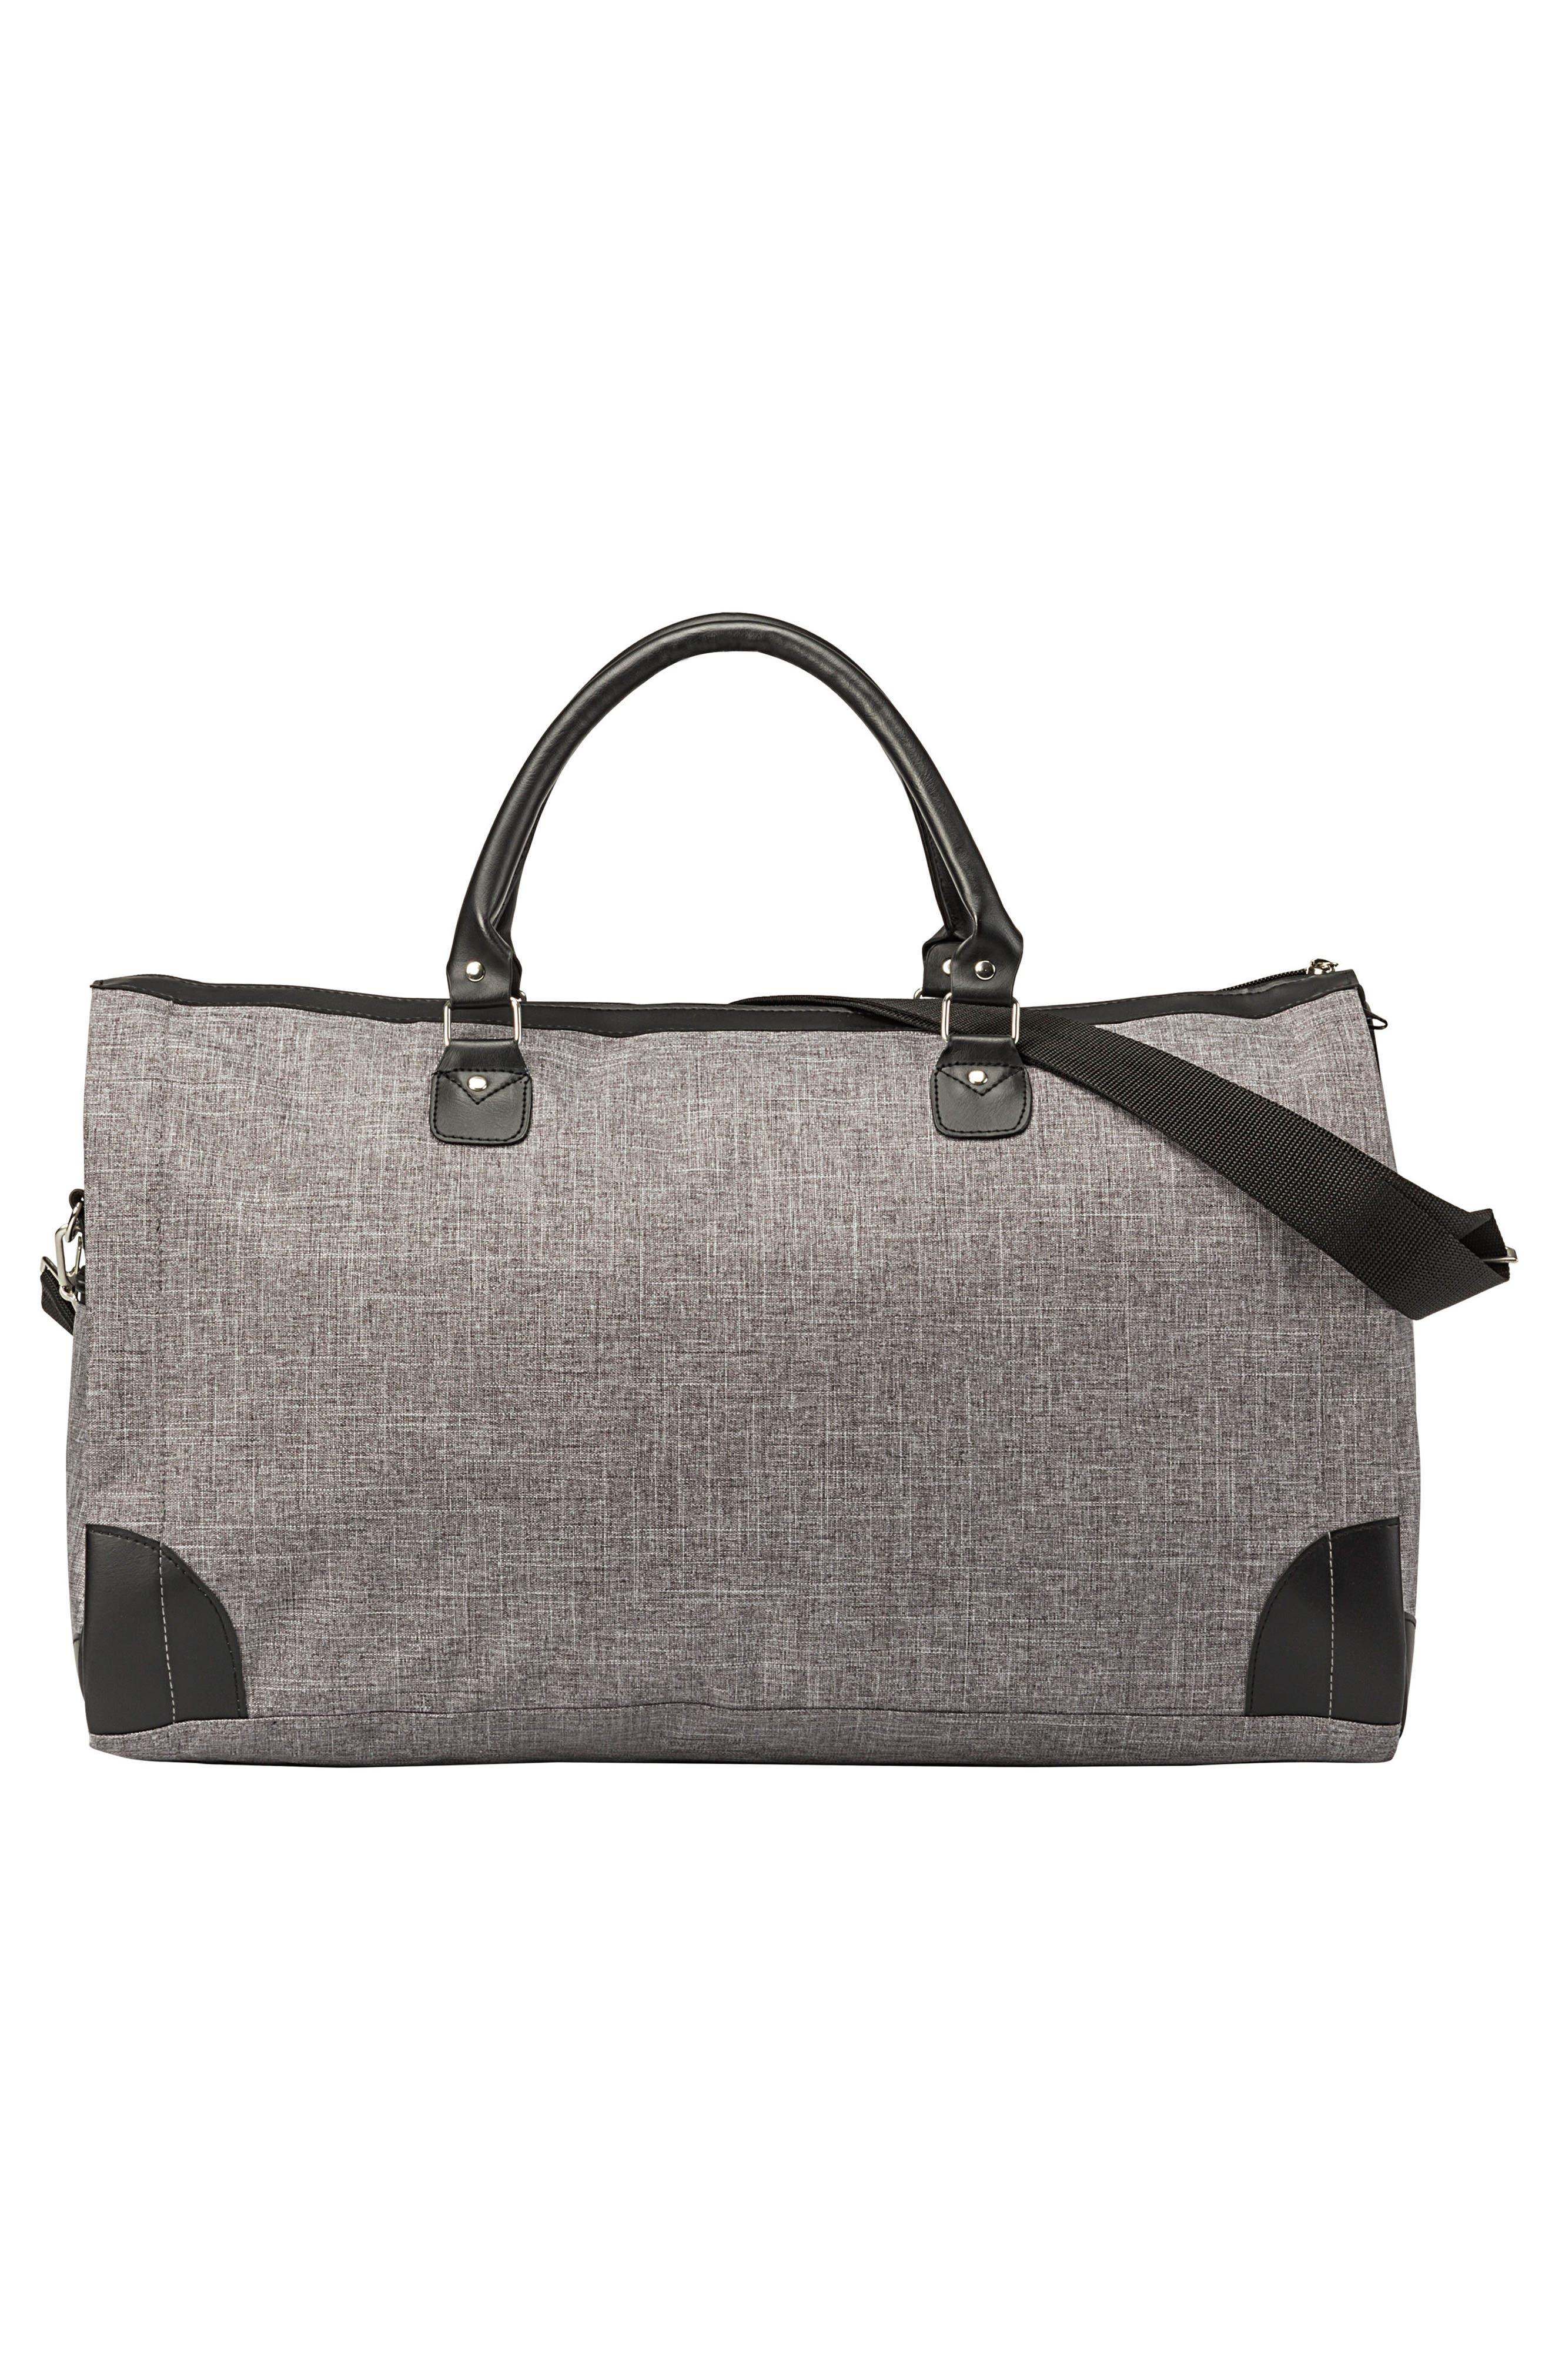 Monogram Duffel/Garment Bag,                             Alternate thumbnail 4, color,                             GREY A